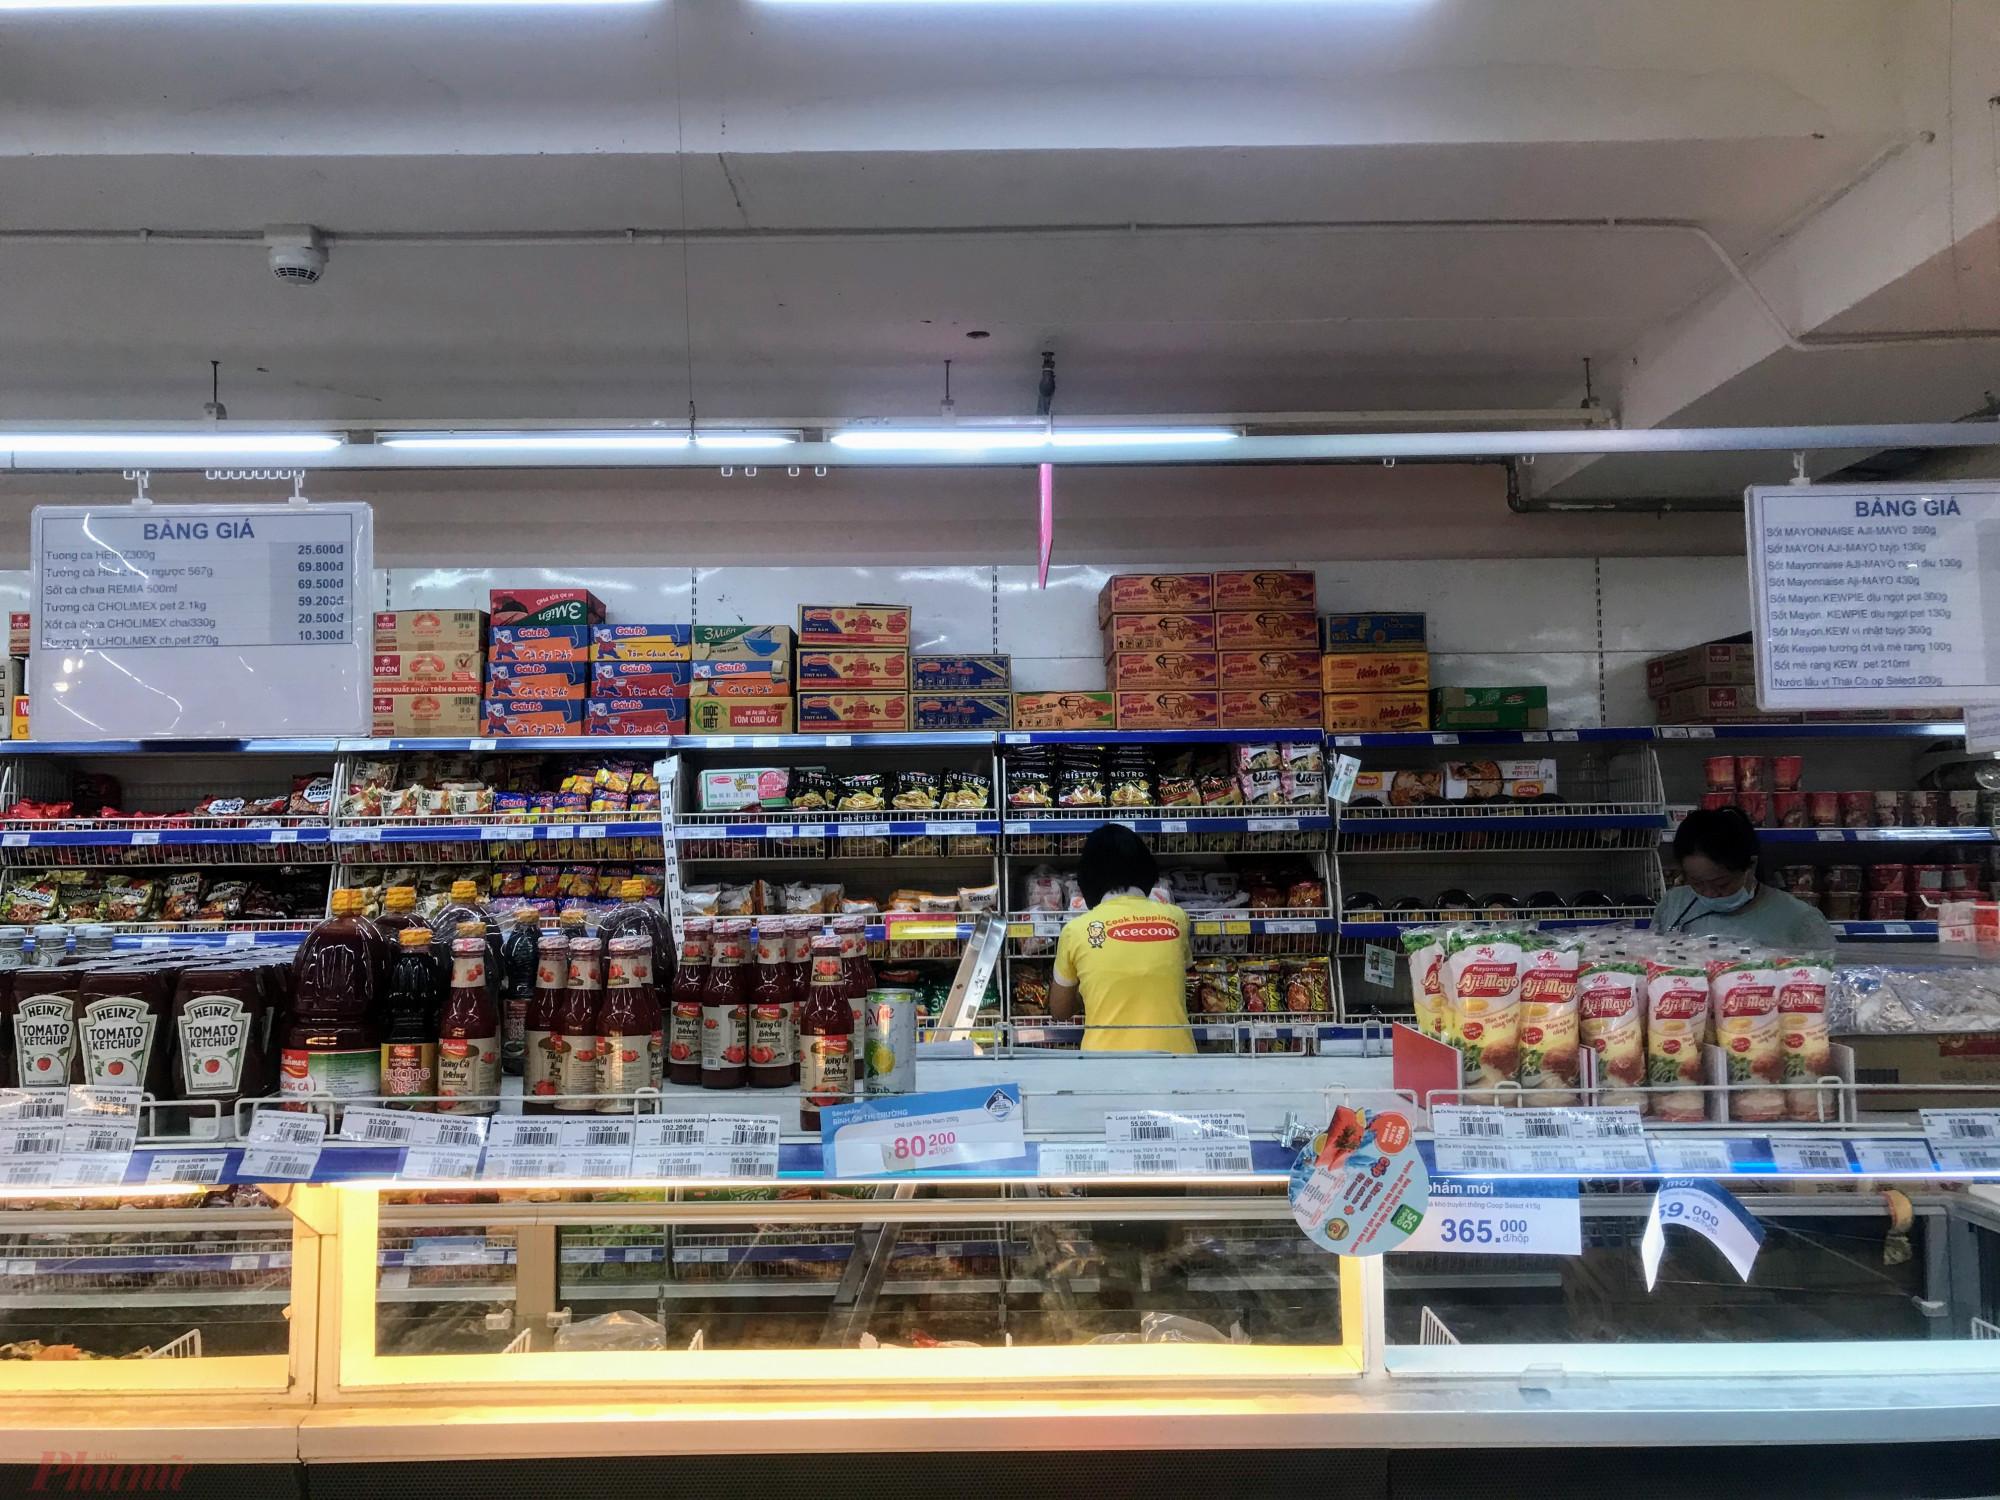 Còn tại một siêu thị thực phẩm nhỏ tại phường 26, quận Bình Thạnh, đến tận 12h trưa 5/2 hàng hoá mới bắt đầu được chuyển từ xe tải xuống, hàng tương sống như cá, mực vẫn chưa được bày bán. Một số mặt hàng như nước ngọt bị mua xơ xát kệ, mặc dù siêu thị này ngày thường đón lượng lớn công nhân viên ghé mua hàng.